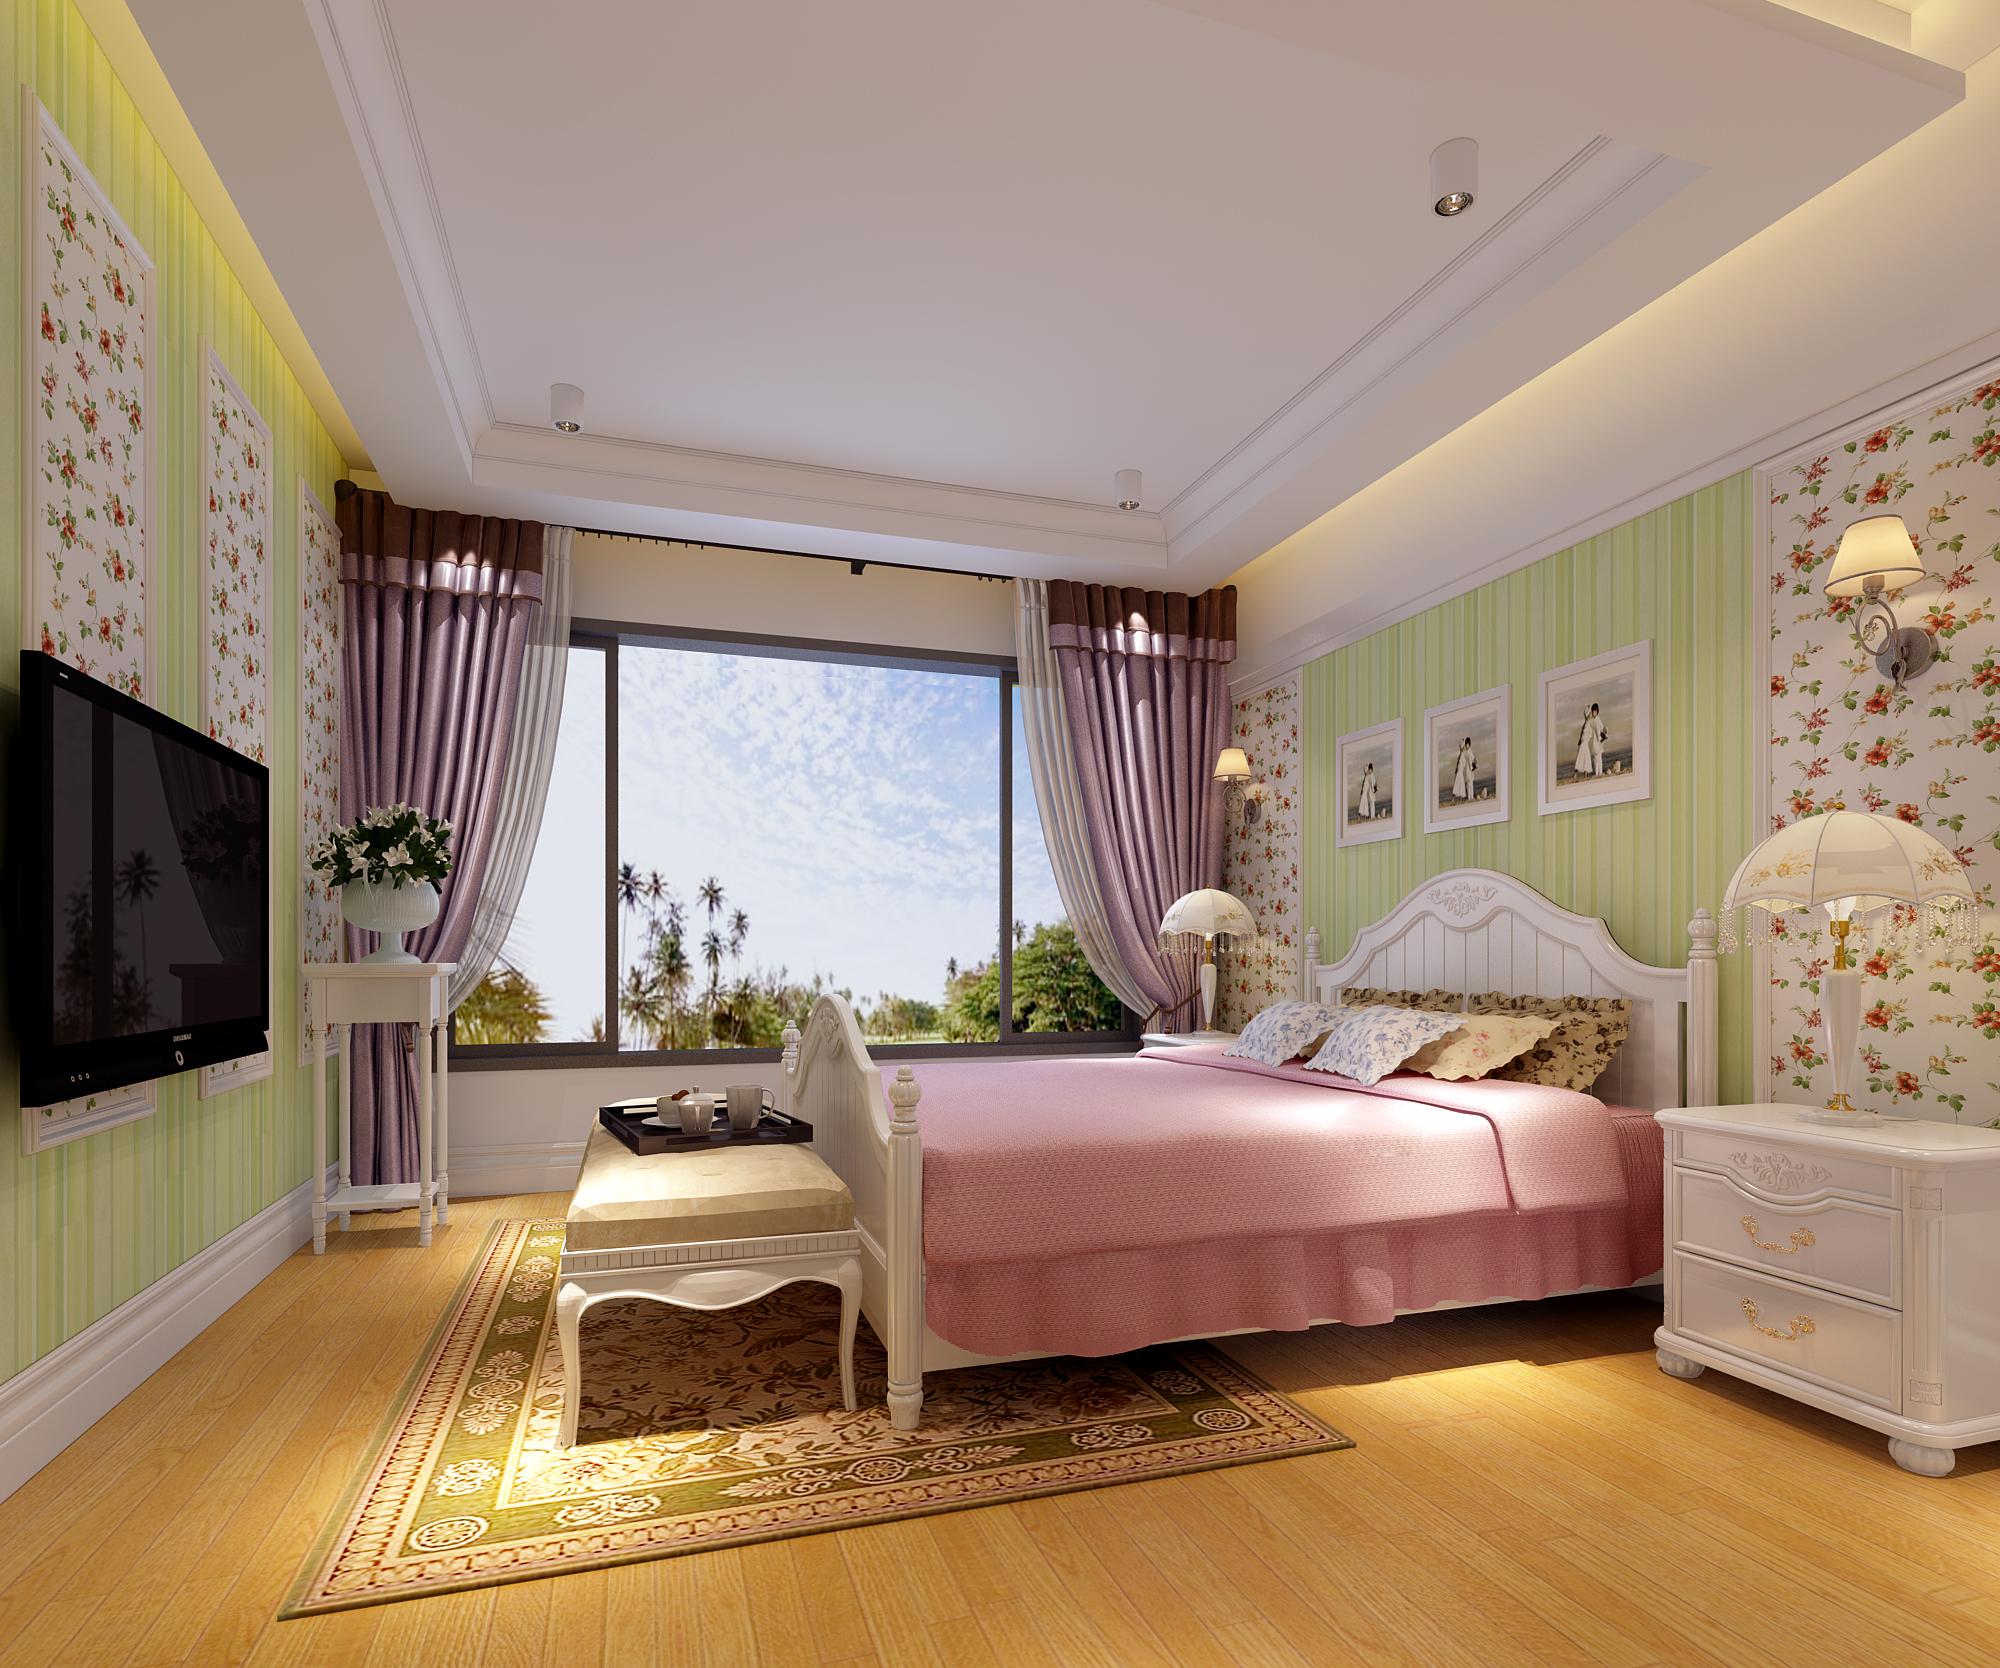 别墅 复式 卧室图片来自武汉一号家居网装修在金地圣爱米伦385平欧式复式洋房的分享